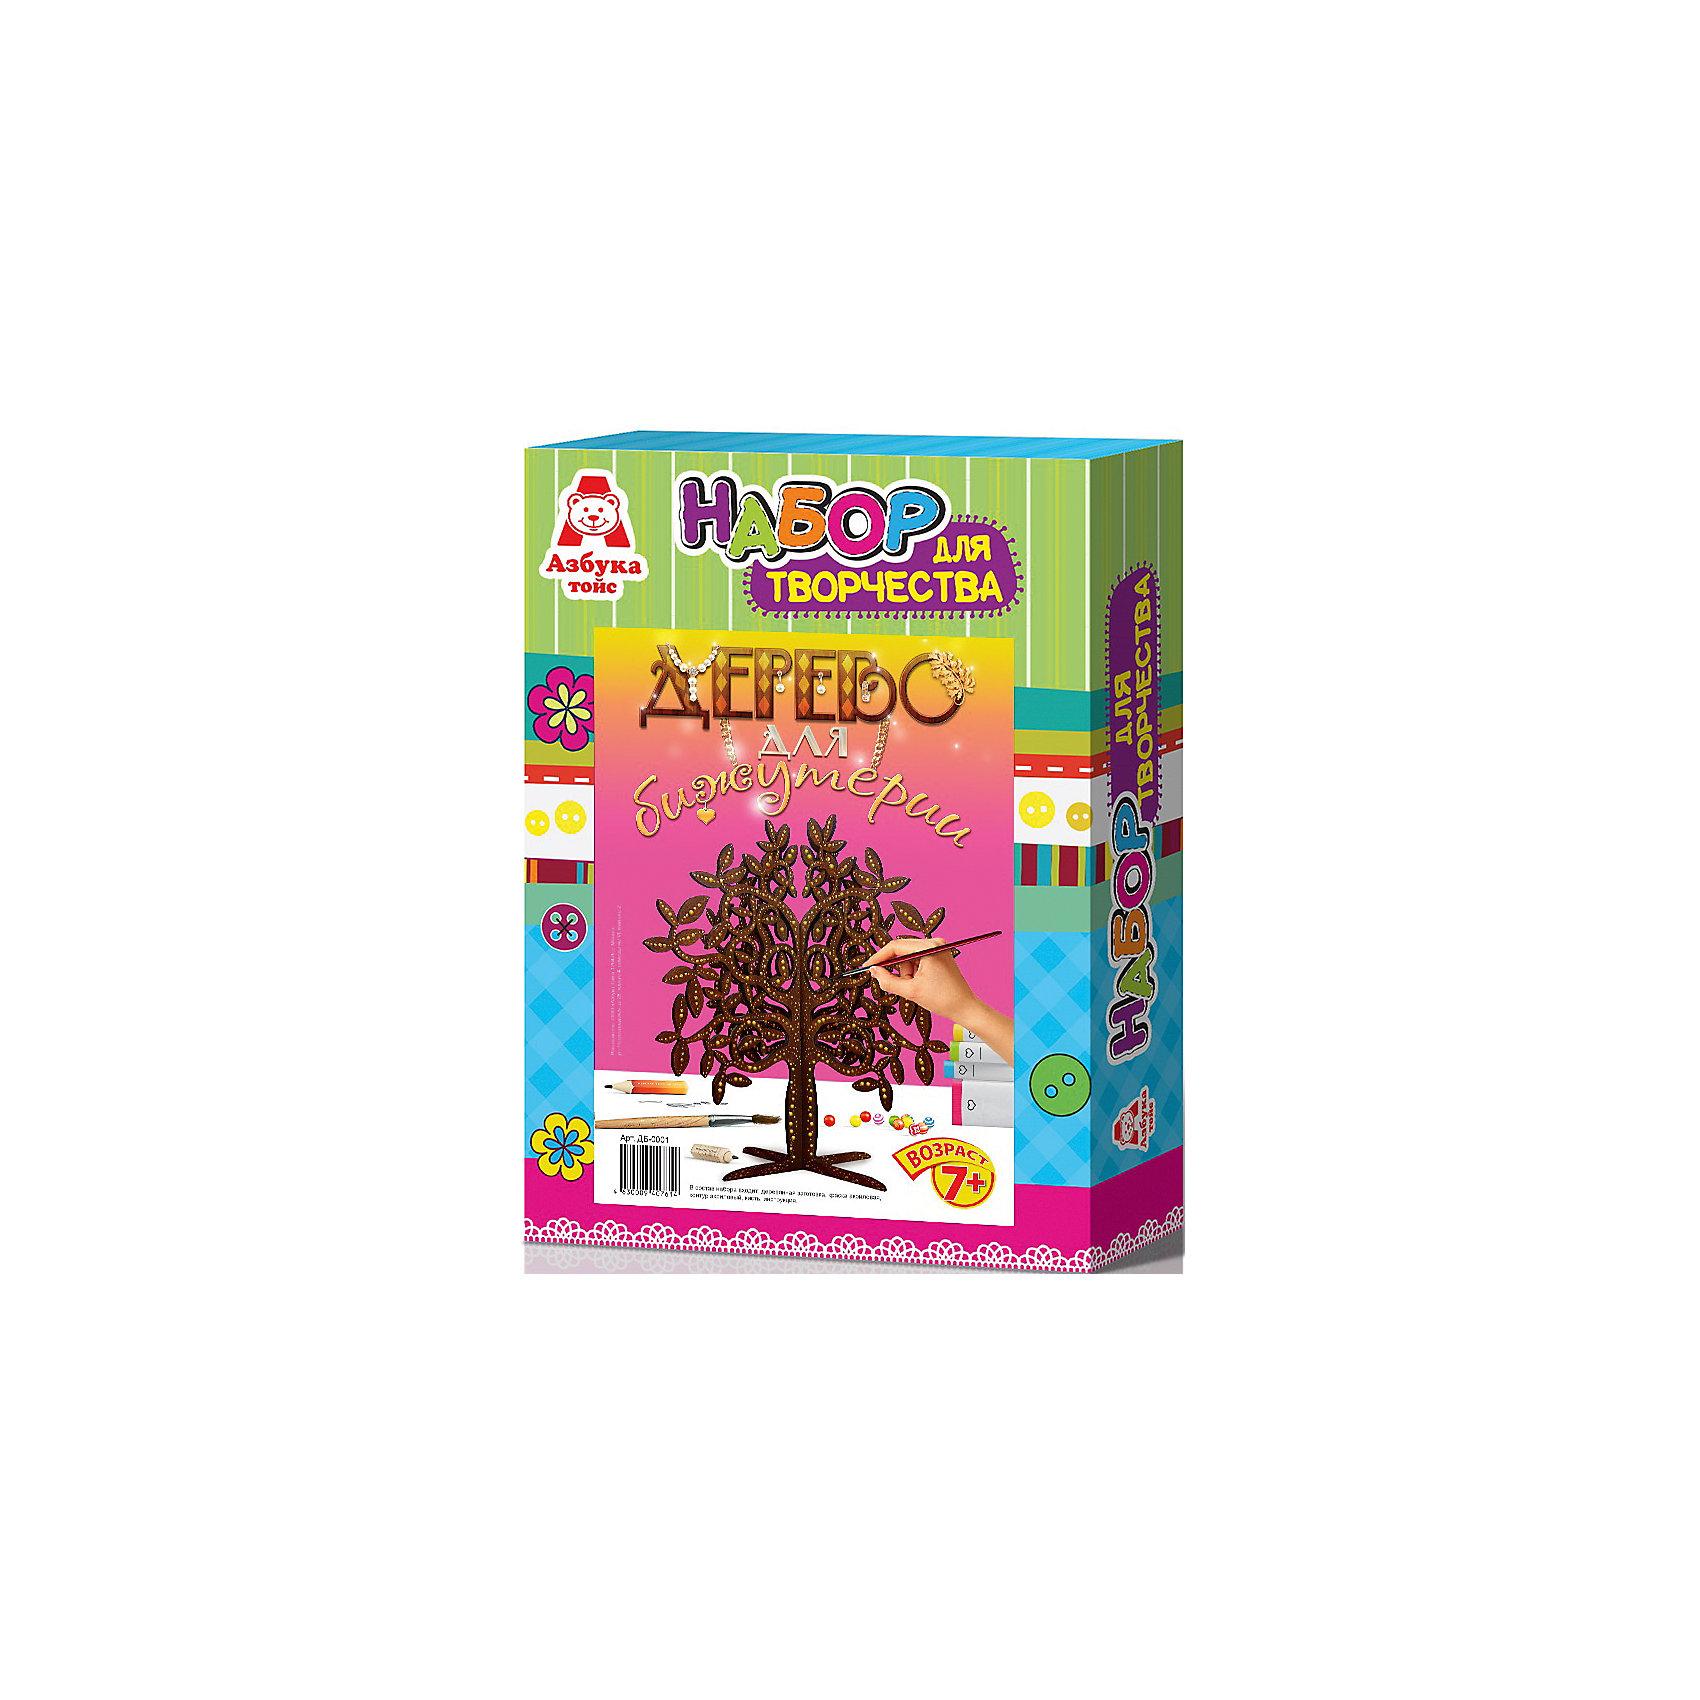 Дерево для бижутерии с листочкамиРисование<br>Дерево для бижутерии с листочками<br><br>Характеристики:<br><br>- в набор входит: деревянная основа, кисточка, краска (акрил), контур (акрил)<br>- состав: дерево, пластик <br>- формат: 28 * 5 * 21 см.<br>- вес: 168 гр.<br>- для детей в возрасте: от 7 до 12 лет<br>- Страна производитель: Российская Федерация<br><br>Набор для творчества Дерево для бижутерии с листочками от компании Азбука тойс понравится умелым ручкам и они превратят его в настоящее дерево изобилия и счастья любой обладательницы бижутерии. Пошаговая инструкция подробно описывает процесс выполнения поделки. Вся необходима краска и контур для обводки входят в комплект. Работа с таким набором развивает моторику рук, воображение, усидчивость, аккуратность и внимание. Четырехгранное дерево привлекает ребенка к усидчивой, неспешной работе, которая в итоге будет вознаграждена чудесной поделкой, небольшим шедевром, который можно подарить маме, бабушке, сестре или подруге.<br><br>Набор для творчества Дерево для бижутерии с листочками можно купить в нашем интернет-магазине.<br><br>Ширина мм: 210<br>Глубина мм: 50<br>Высота мм: 280<br>Вес г: 168<br>Возраст от месяцев: 84<br>Возраст до месяцев: 144<br>Пол: Женский<br>Возраст: Детский<br>SKU: 5062944